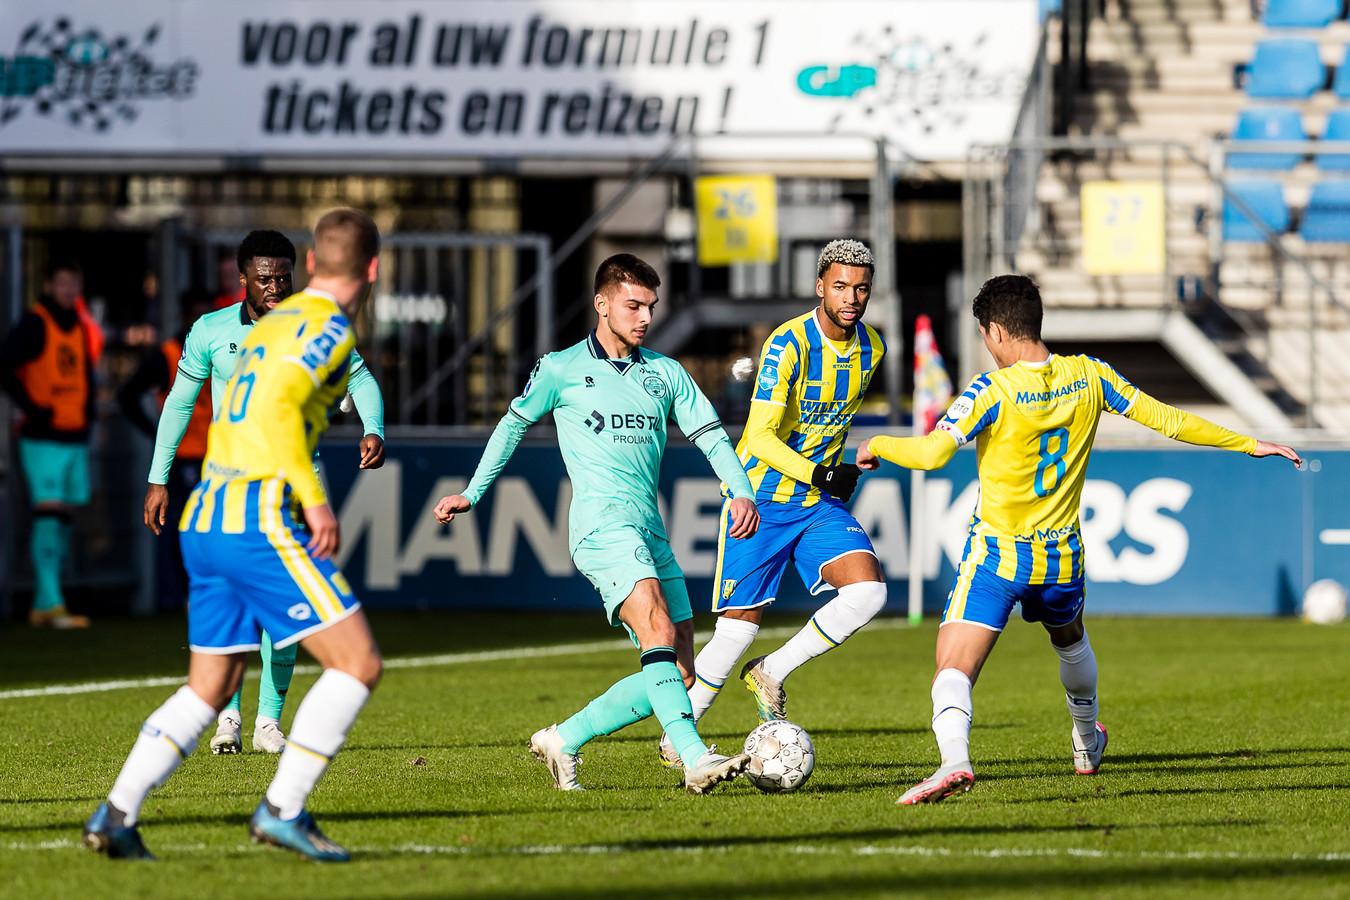 Het is vrijdagavond Willem II-RKC. Wie van de twee daalt af naar de Keuken Kampioen Divisie. Of blijven ze allebei in de eredivisie?